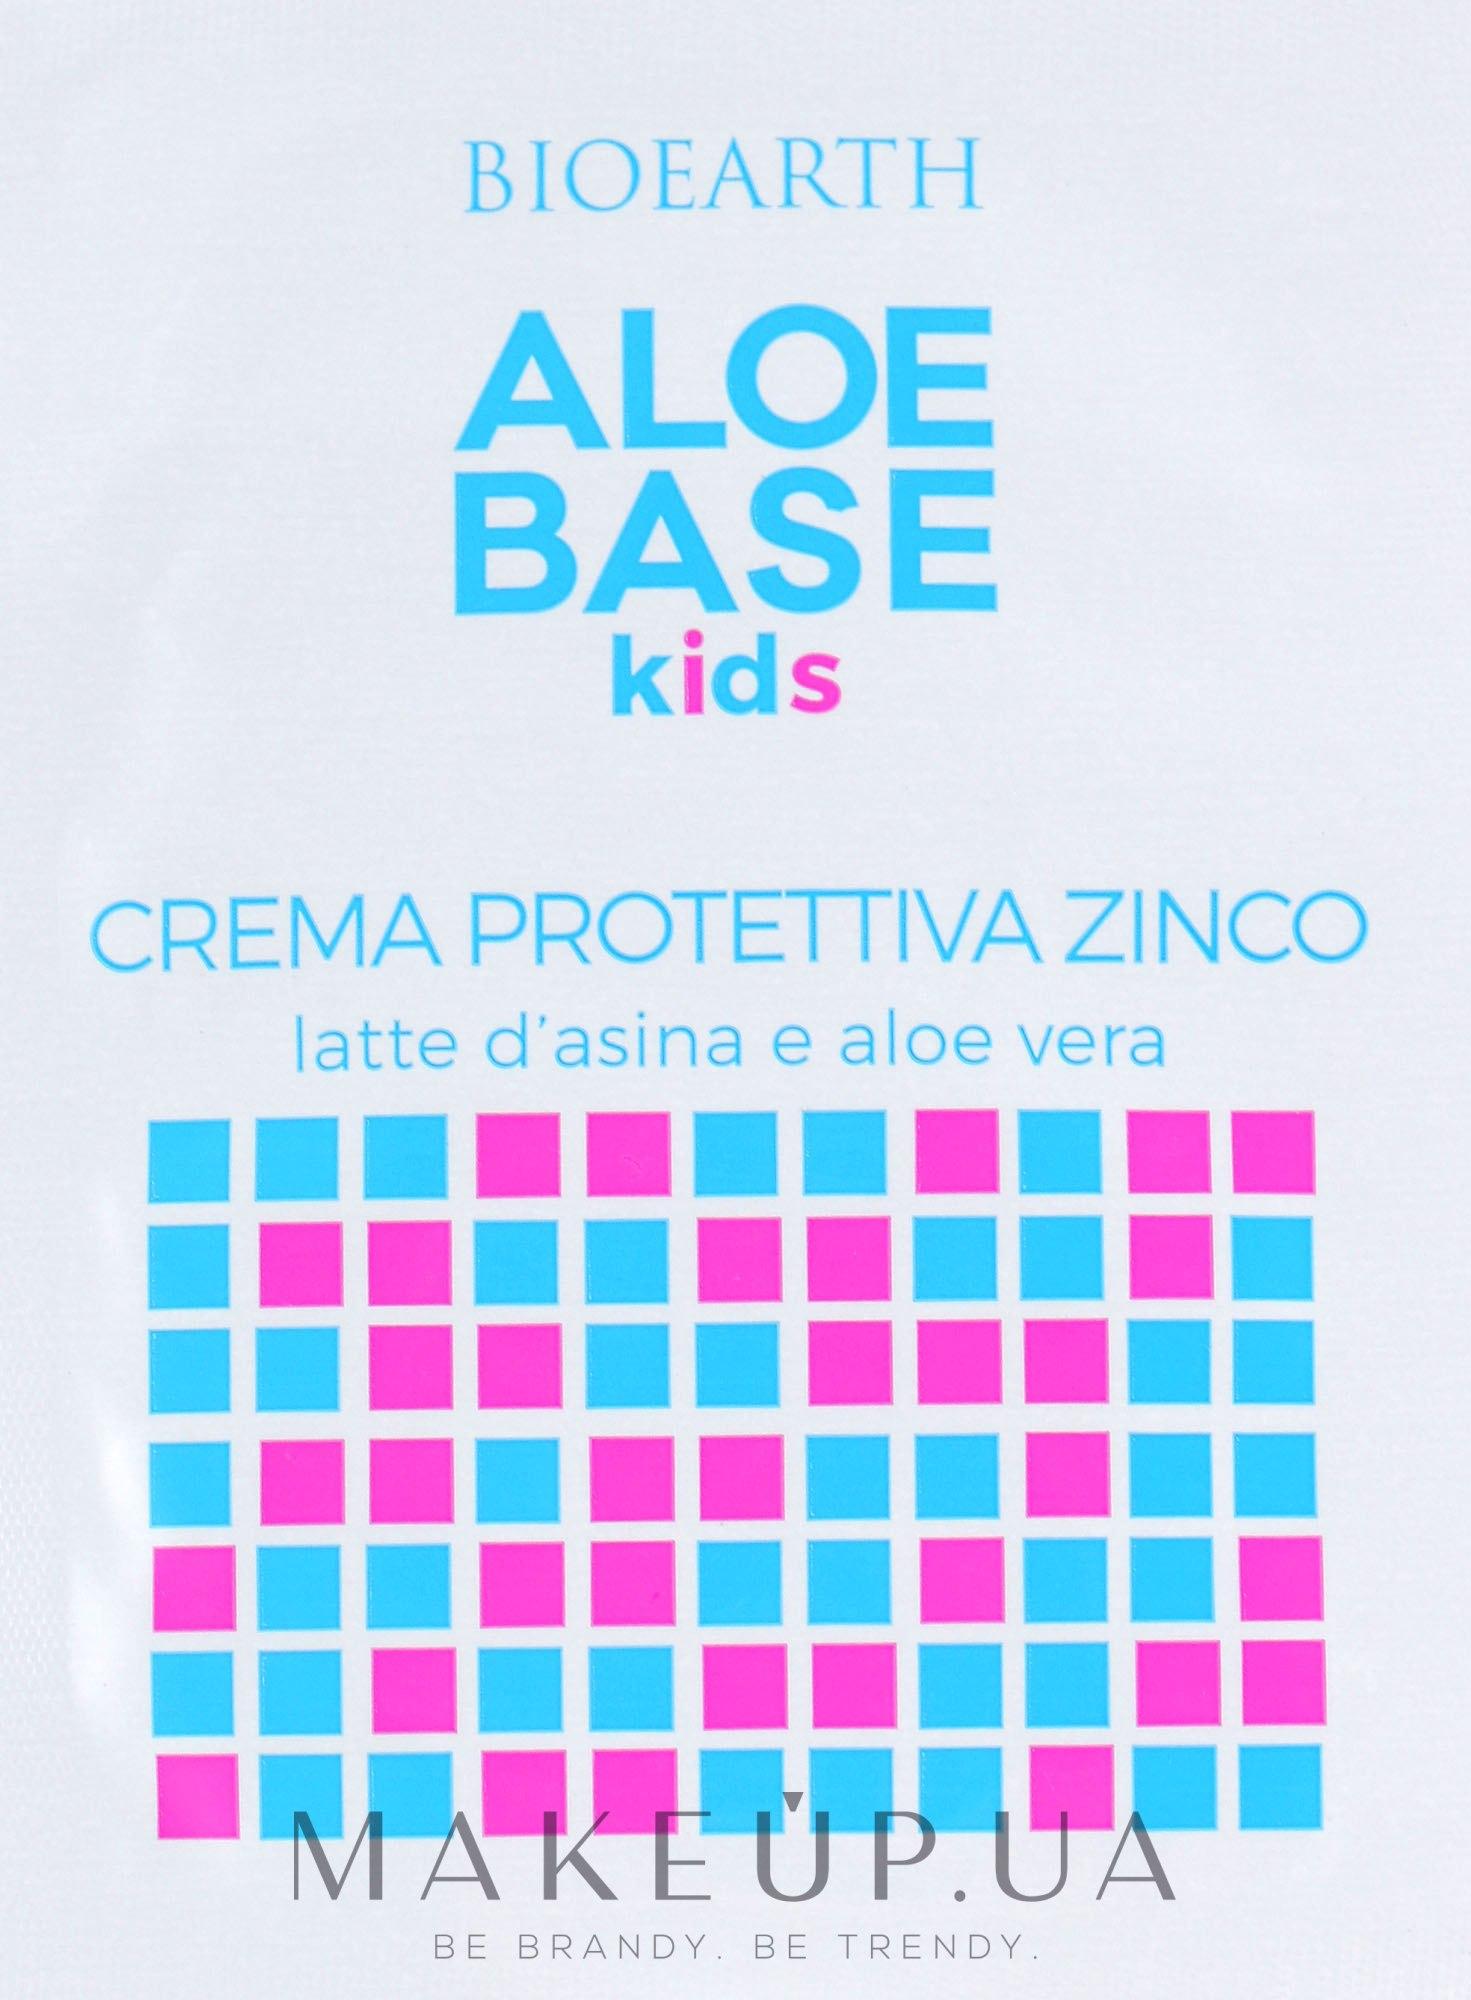 Детский защитный крем для чувствительной кожи на основе оксида цинка - Bioearth Aloebase Kids Protective Zinc Cream with aloe and Donkey Milk (пробник) — фото 3ml